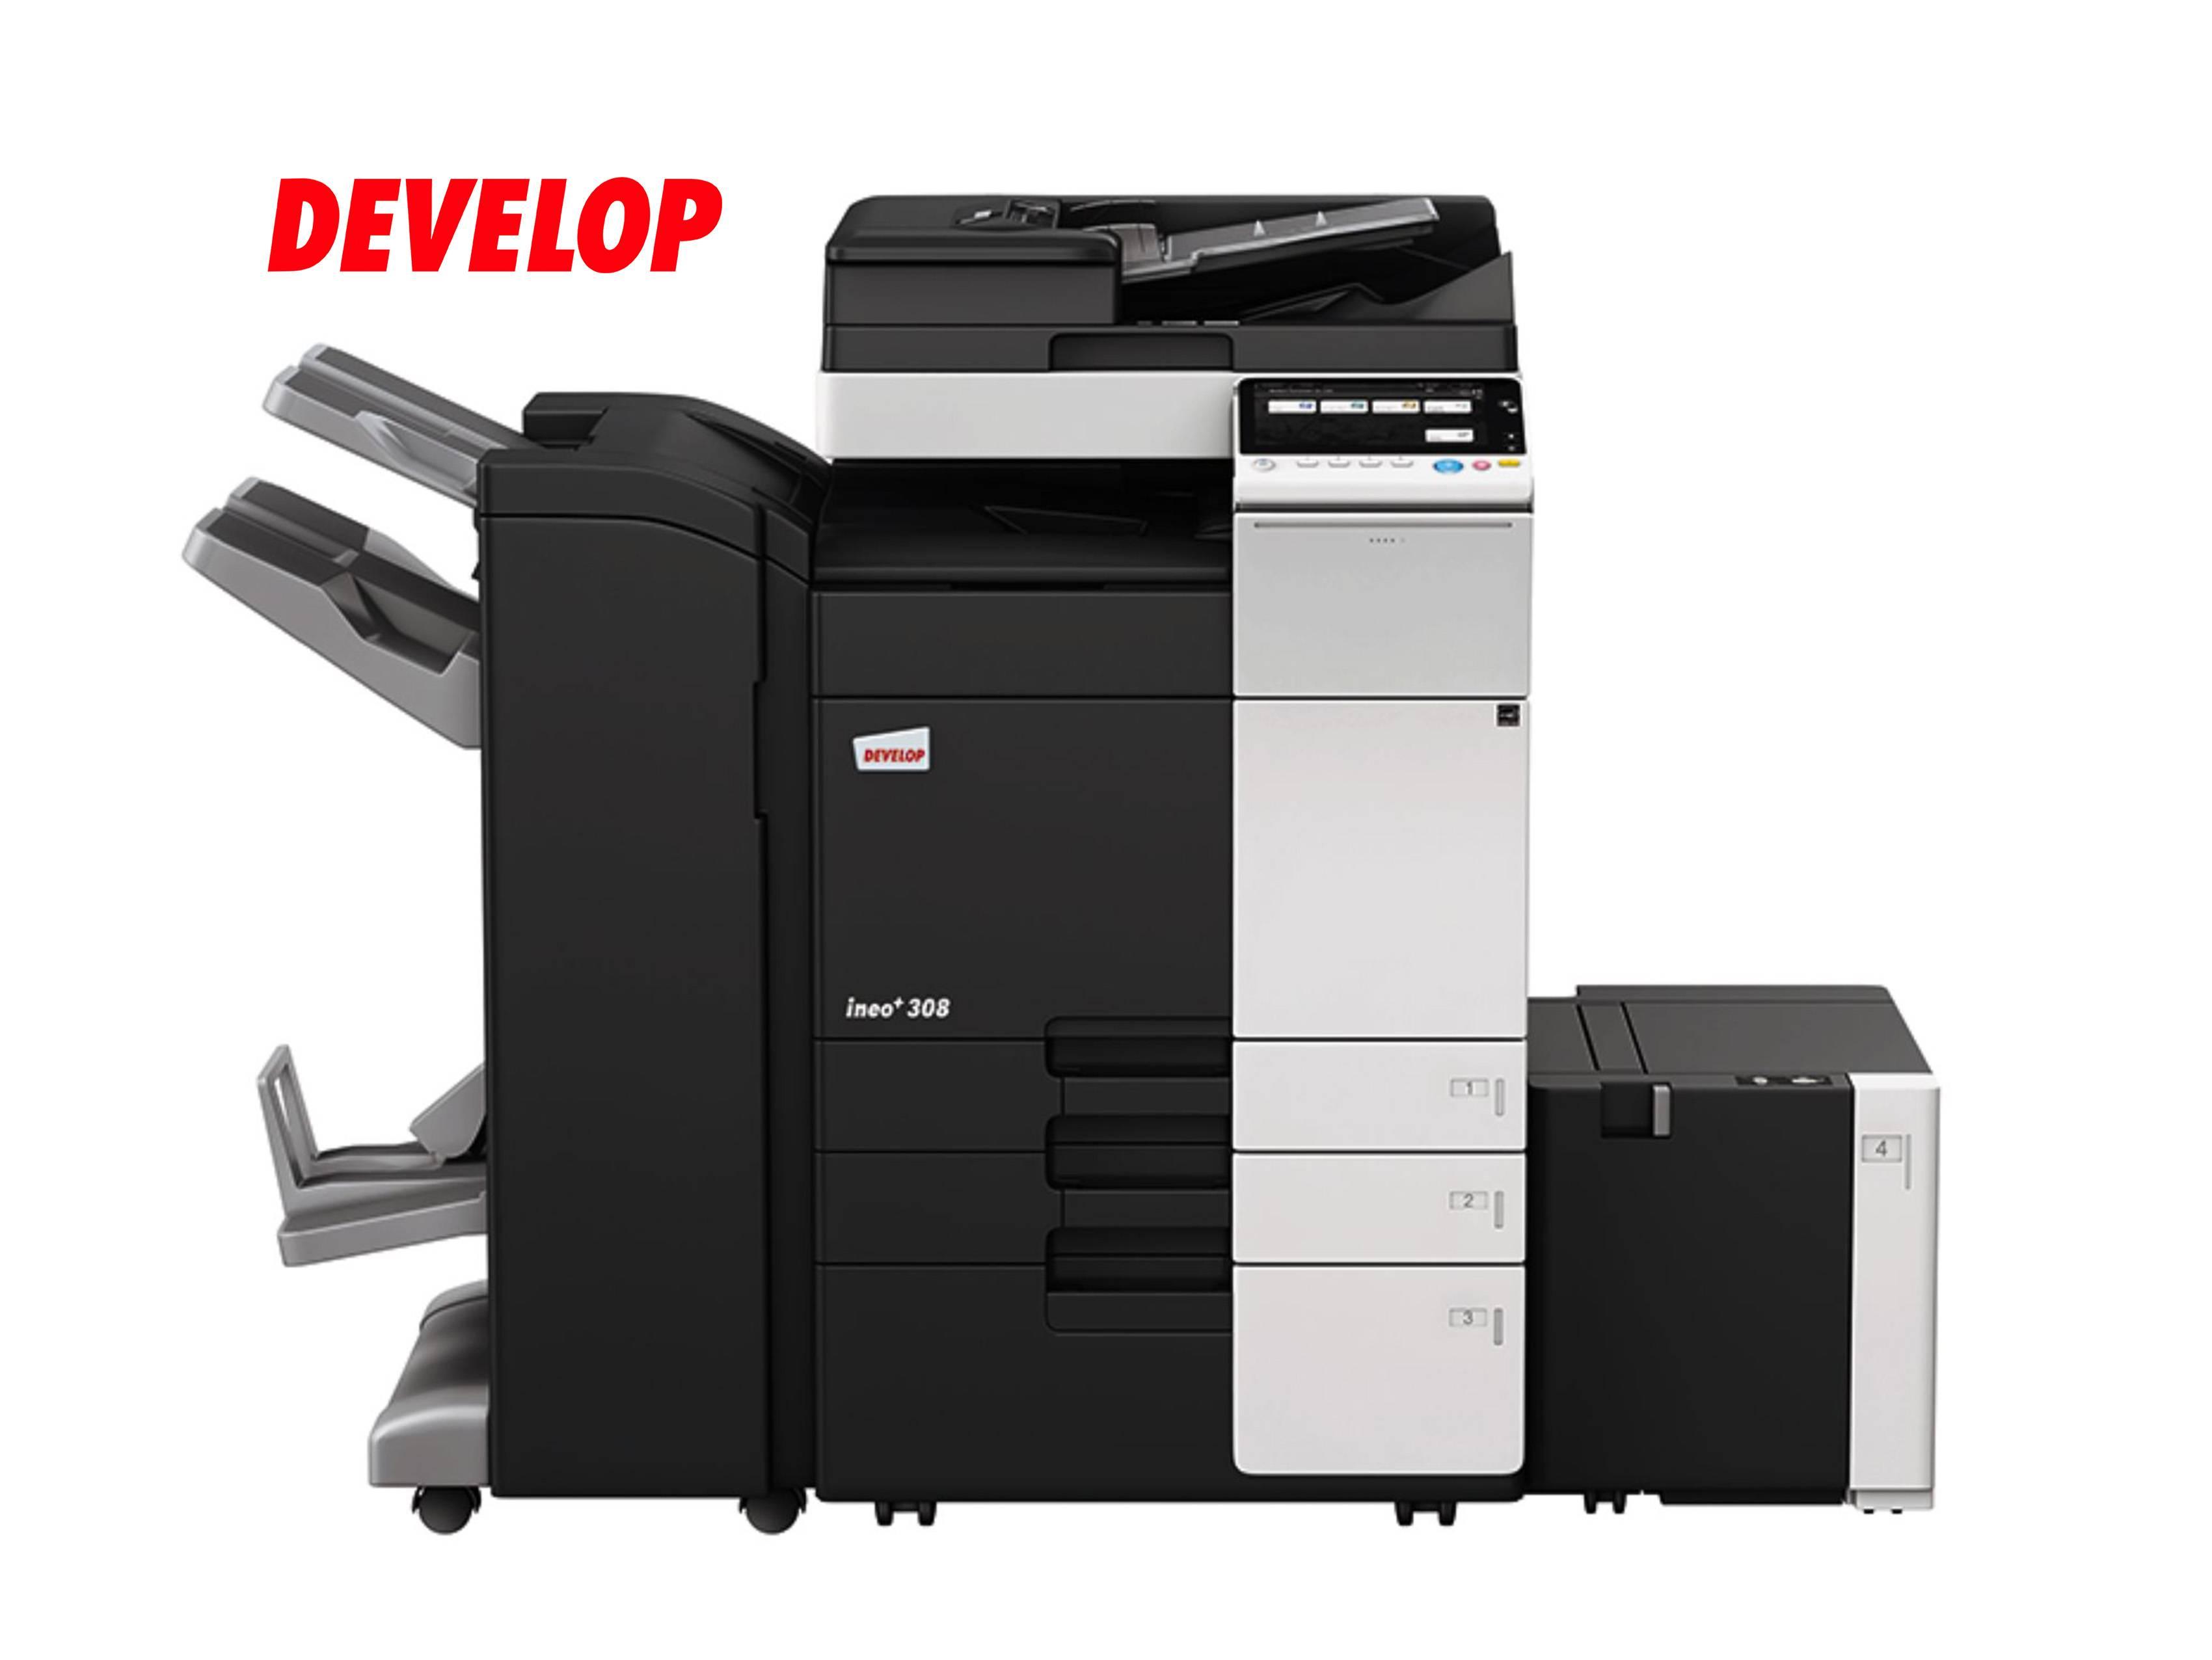 Develop_Printer_Branded